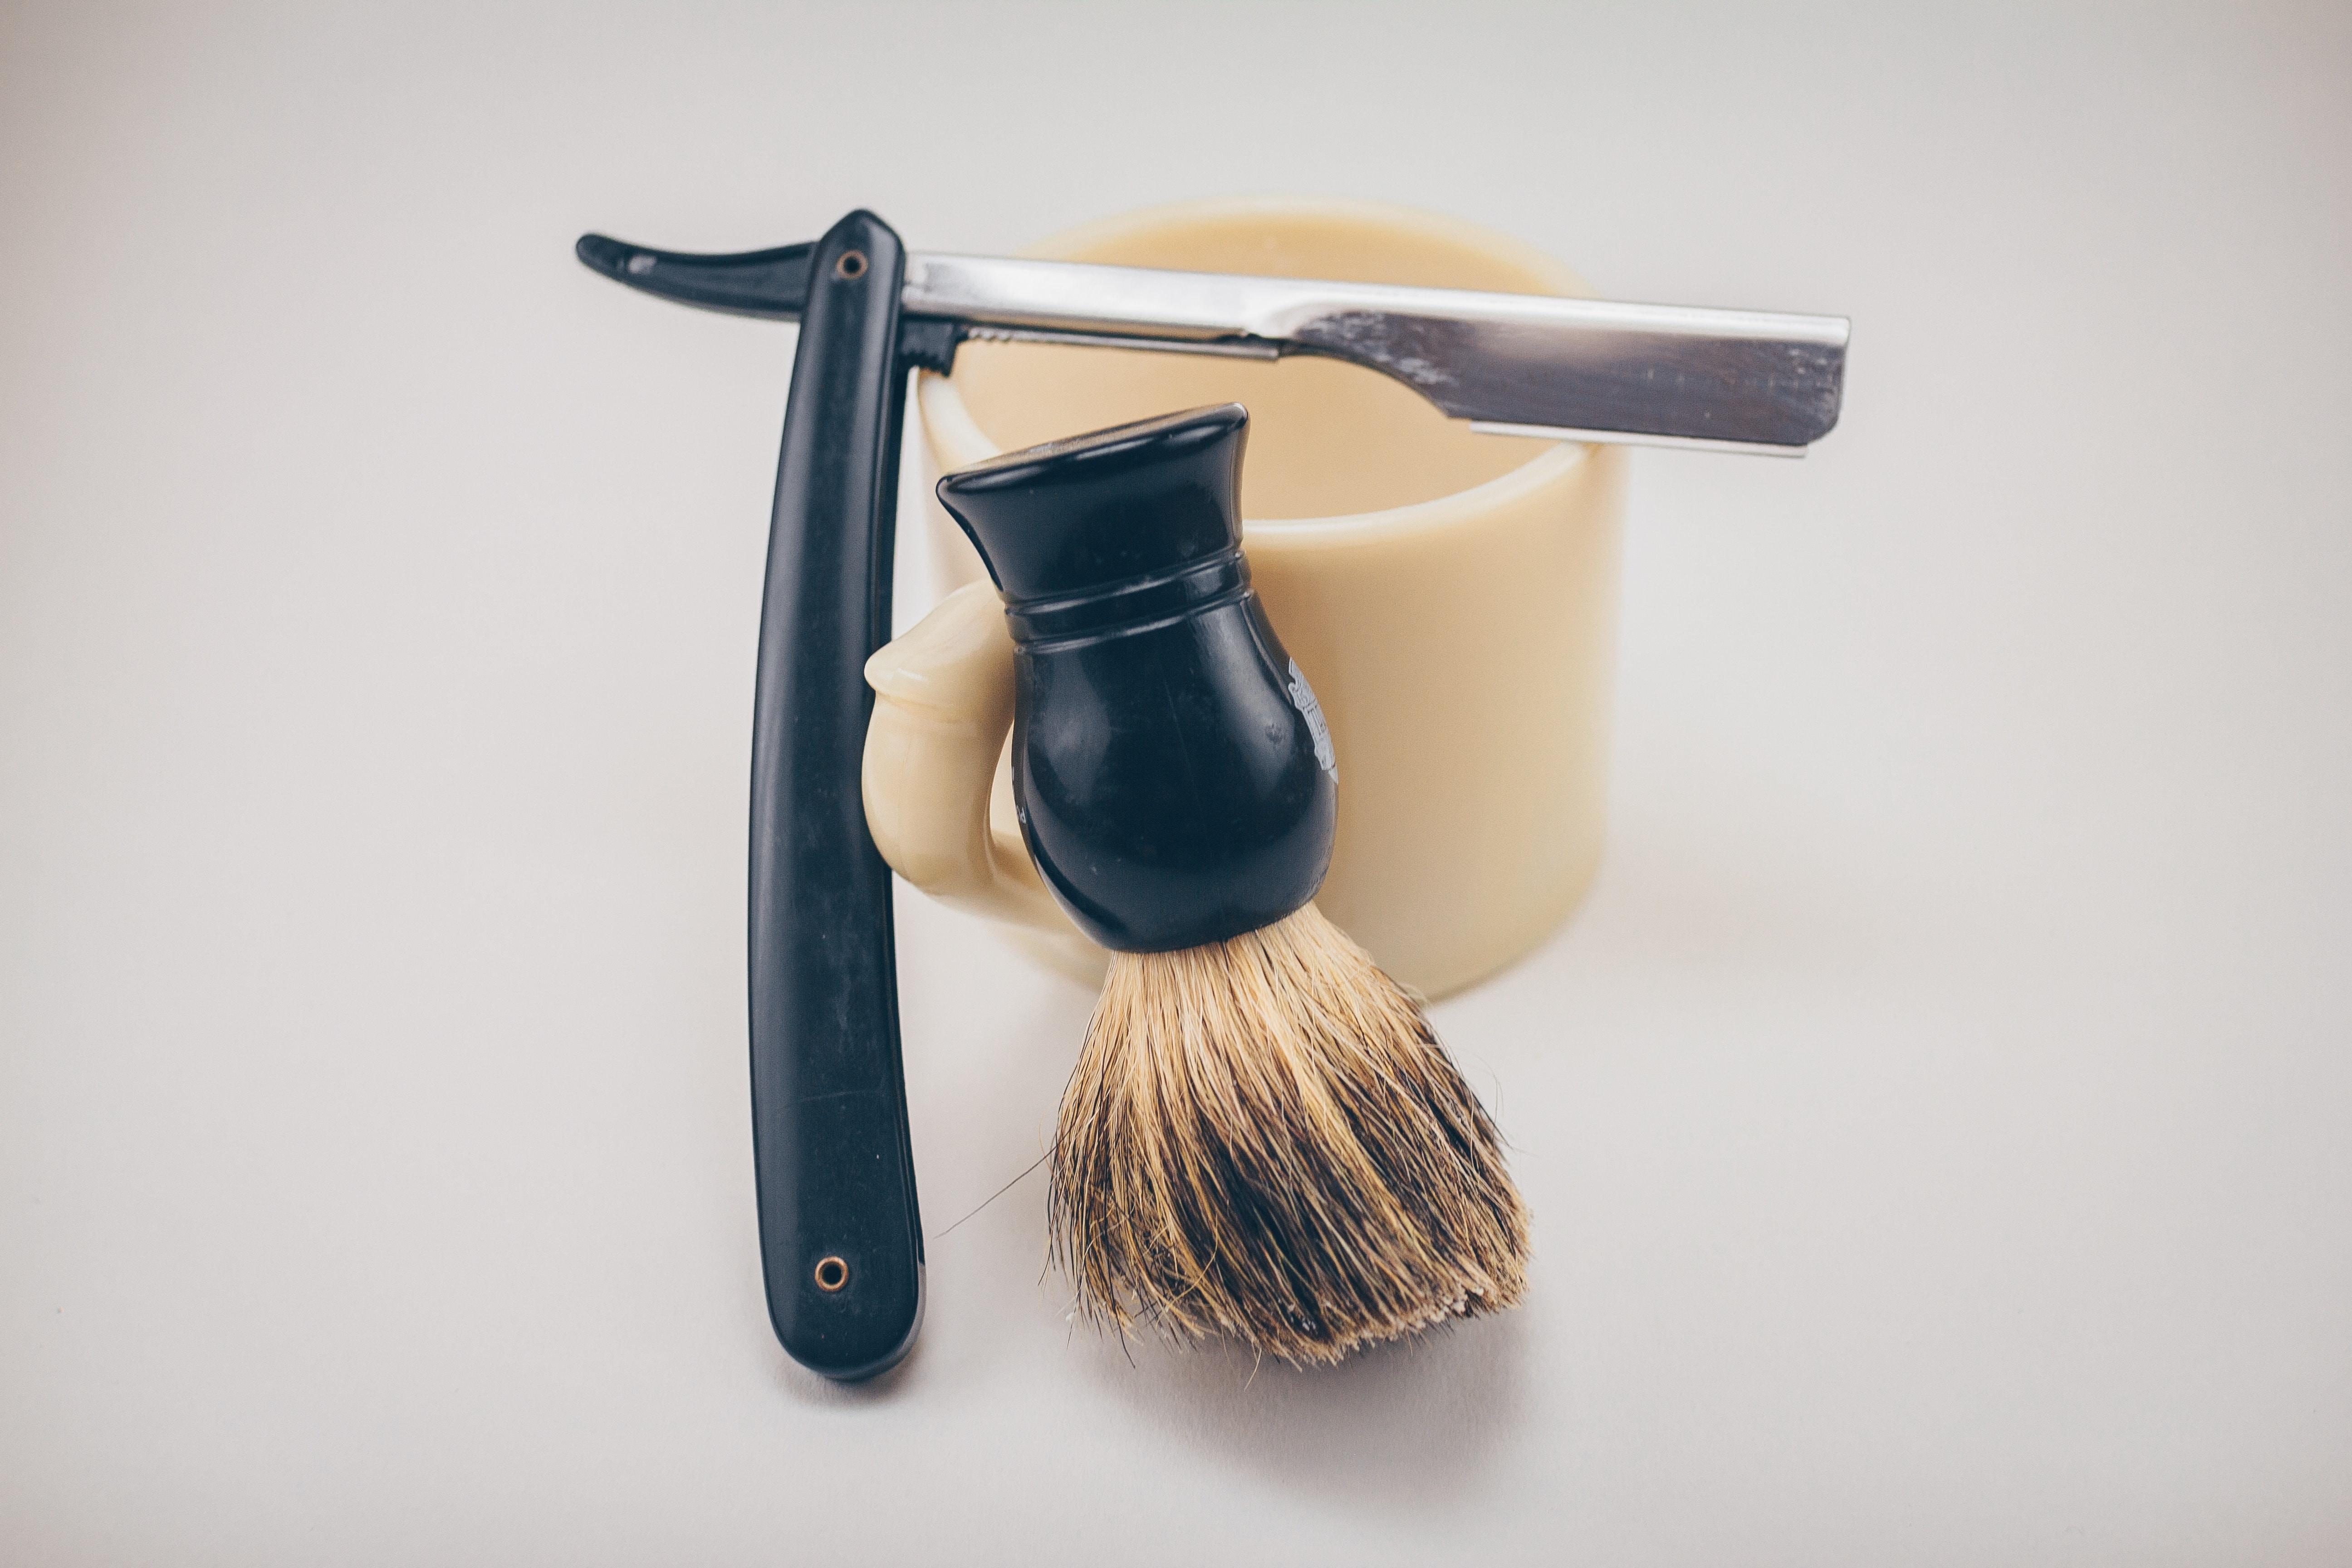 SKJEGG VERKTØY – On Demand Barbers